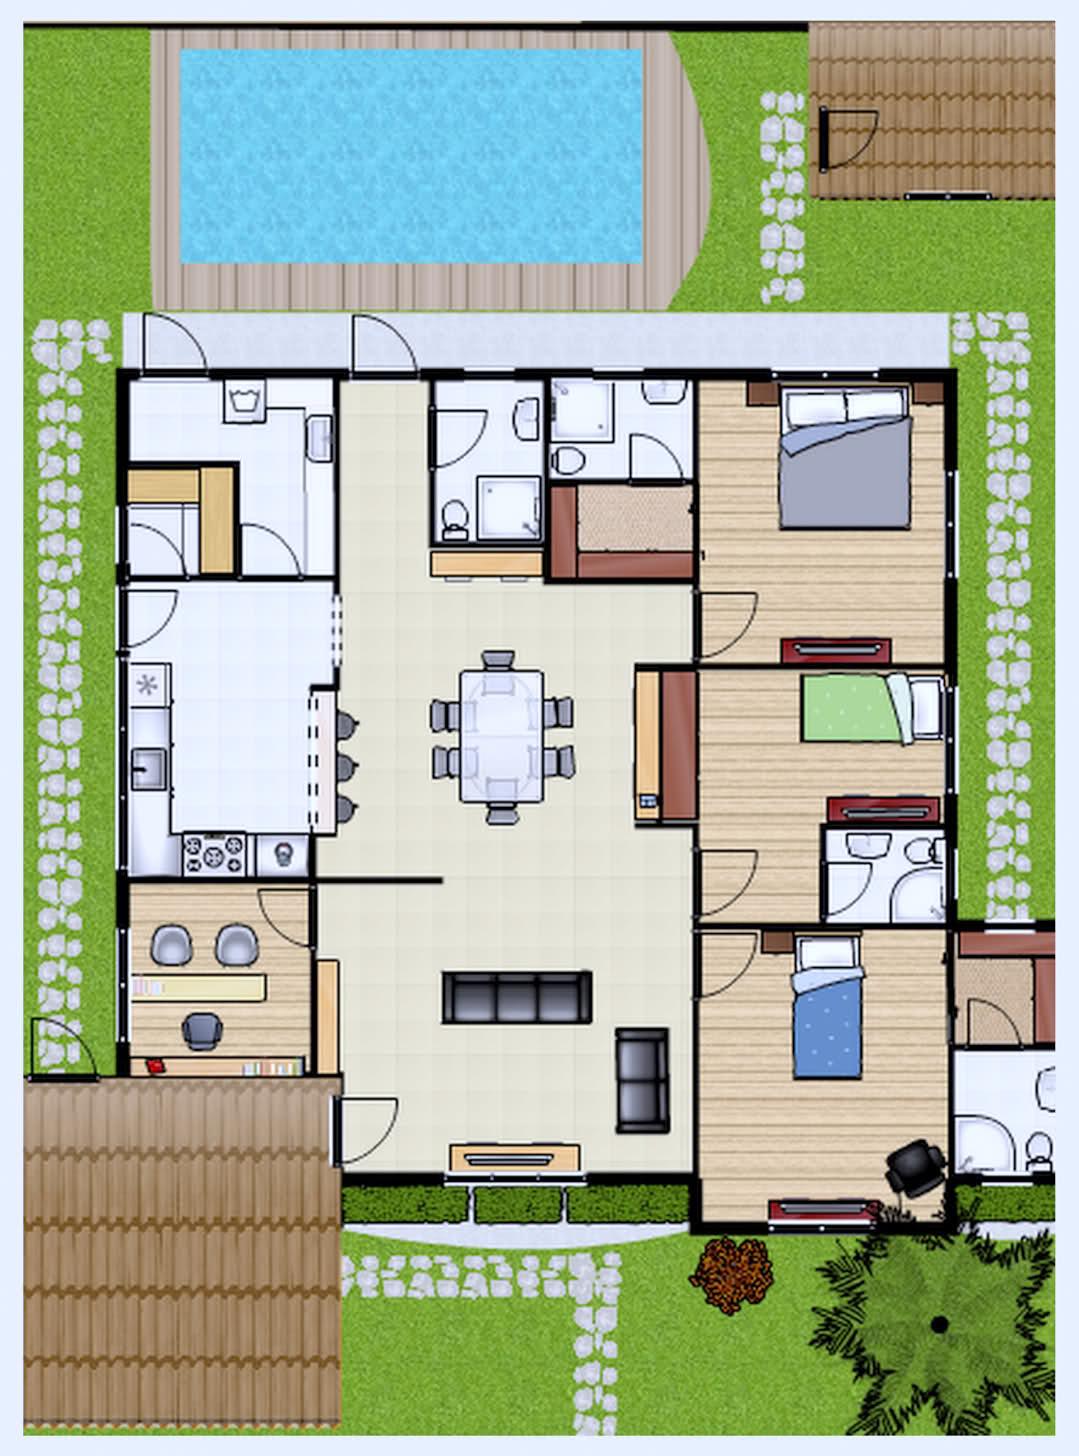 Plantas de casas com piscinas for Plantas para piscinas